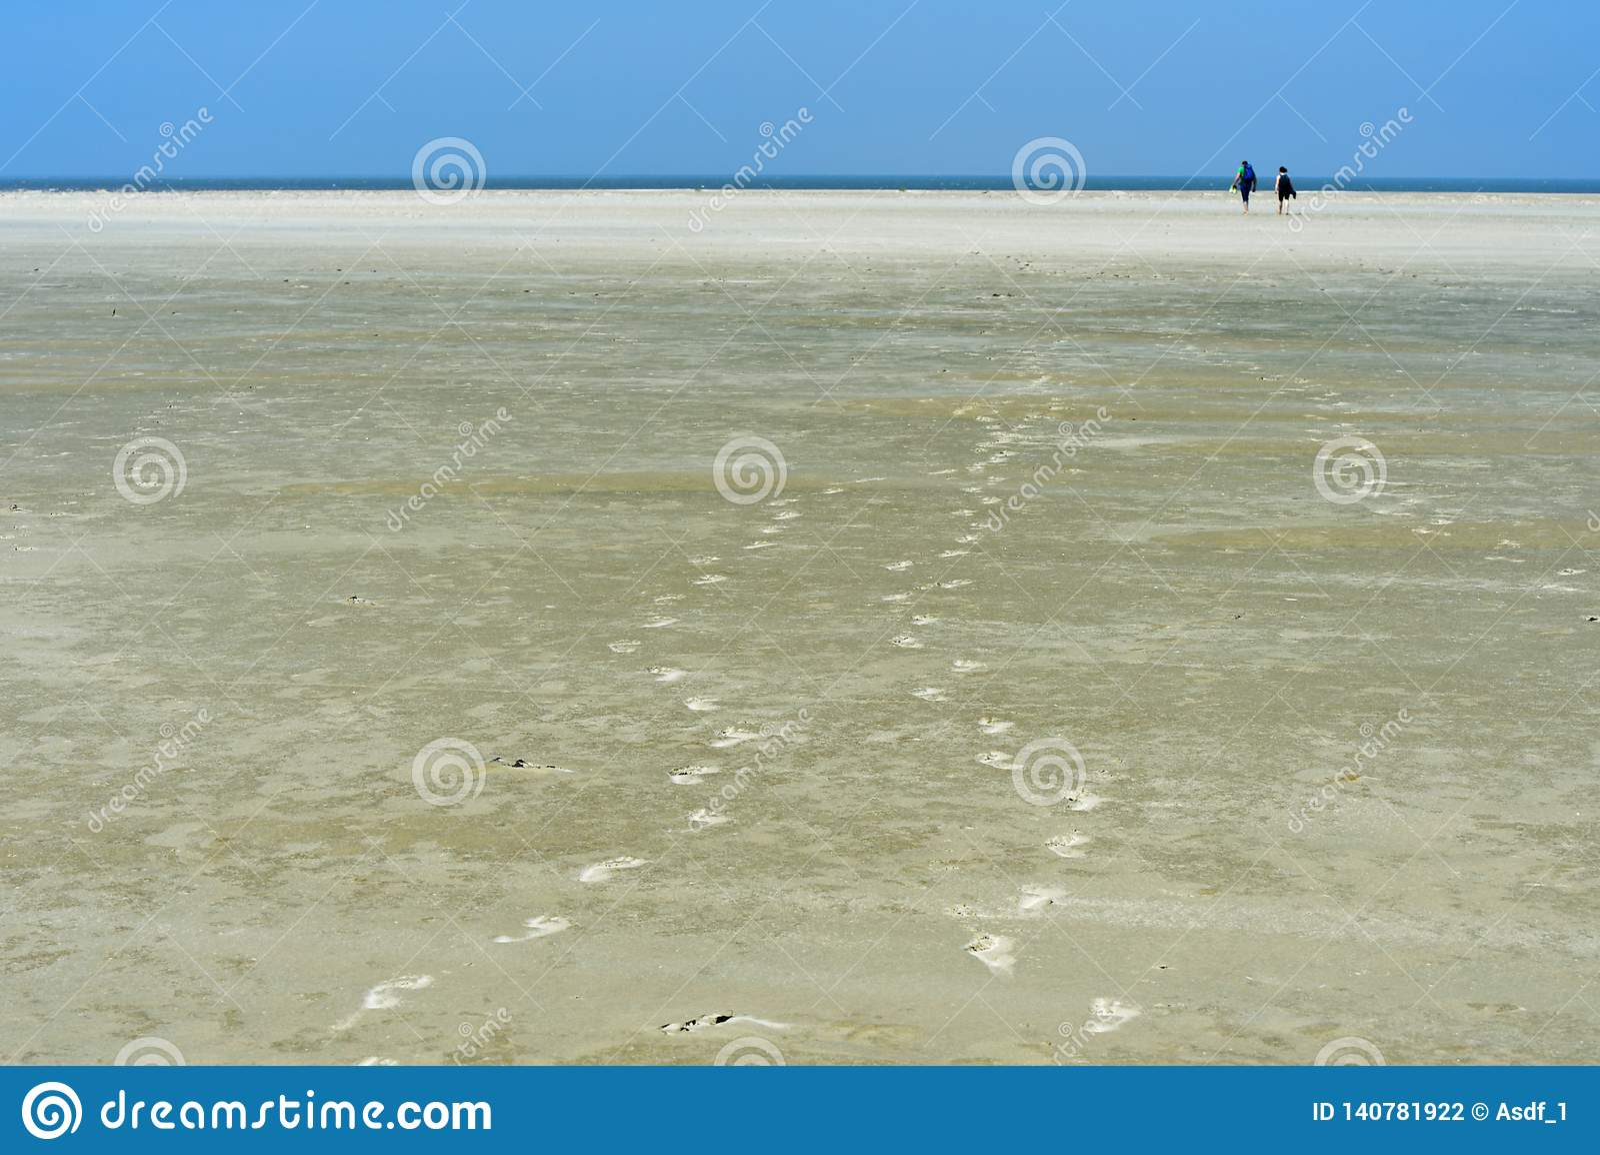 Bezoekers die over mudflats lopen